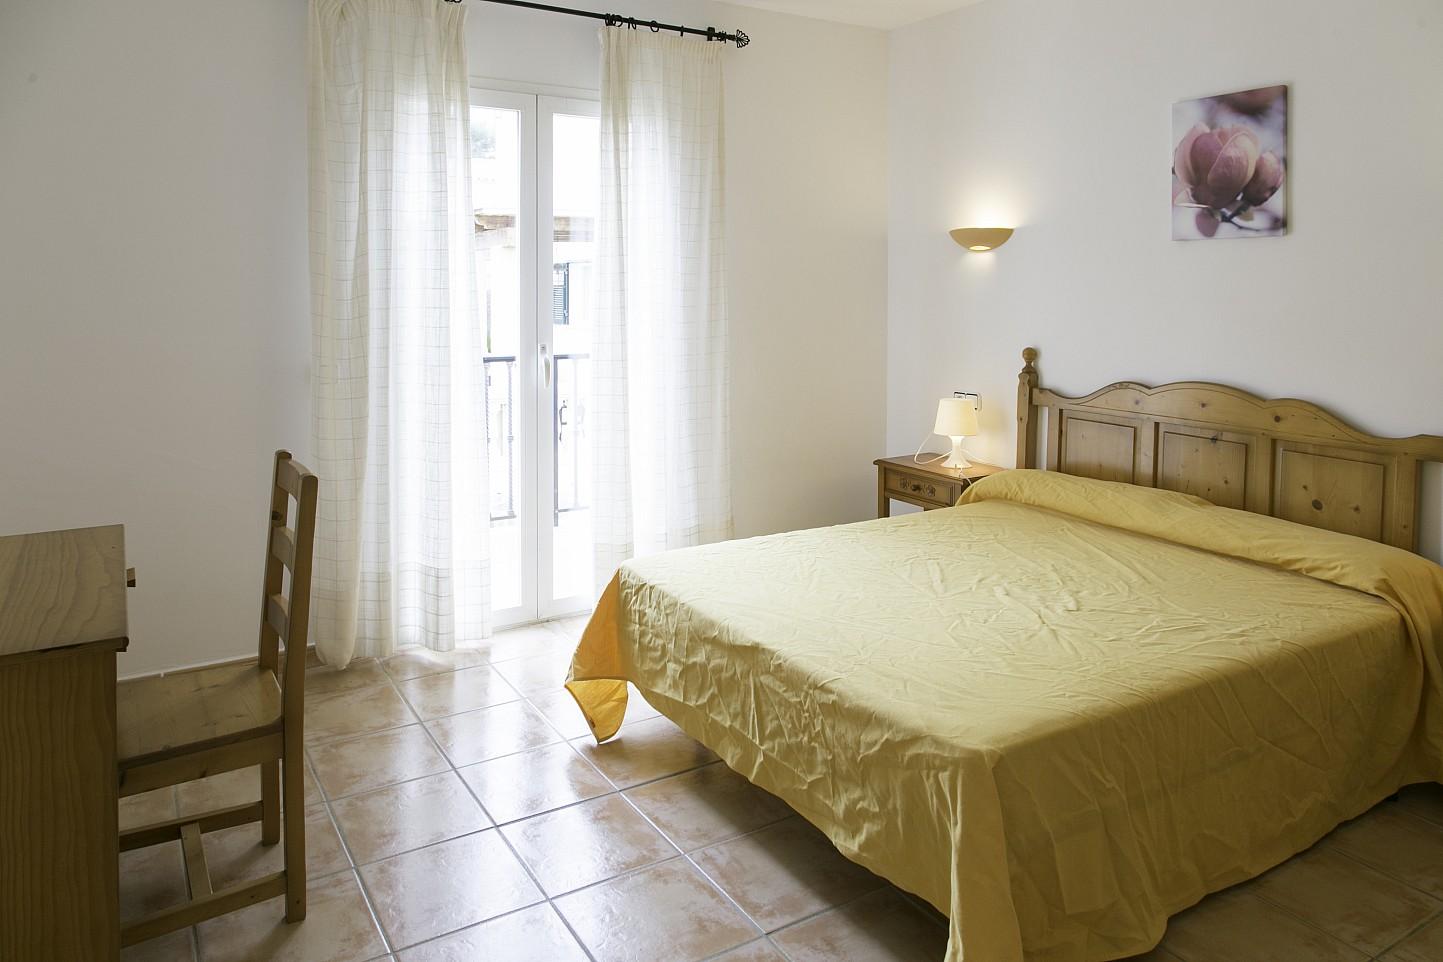 Dormitorio de bonita casa en venta en Urb. Villas de Cala Romántica en Mallorca